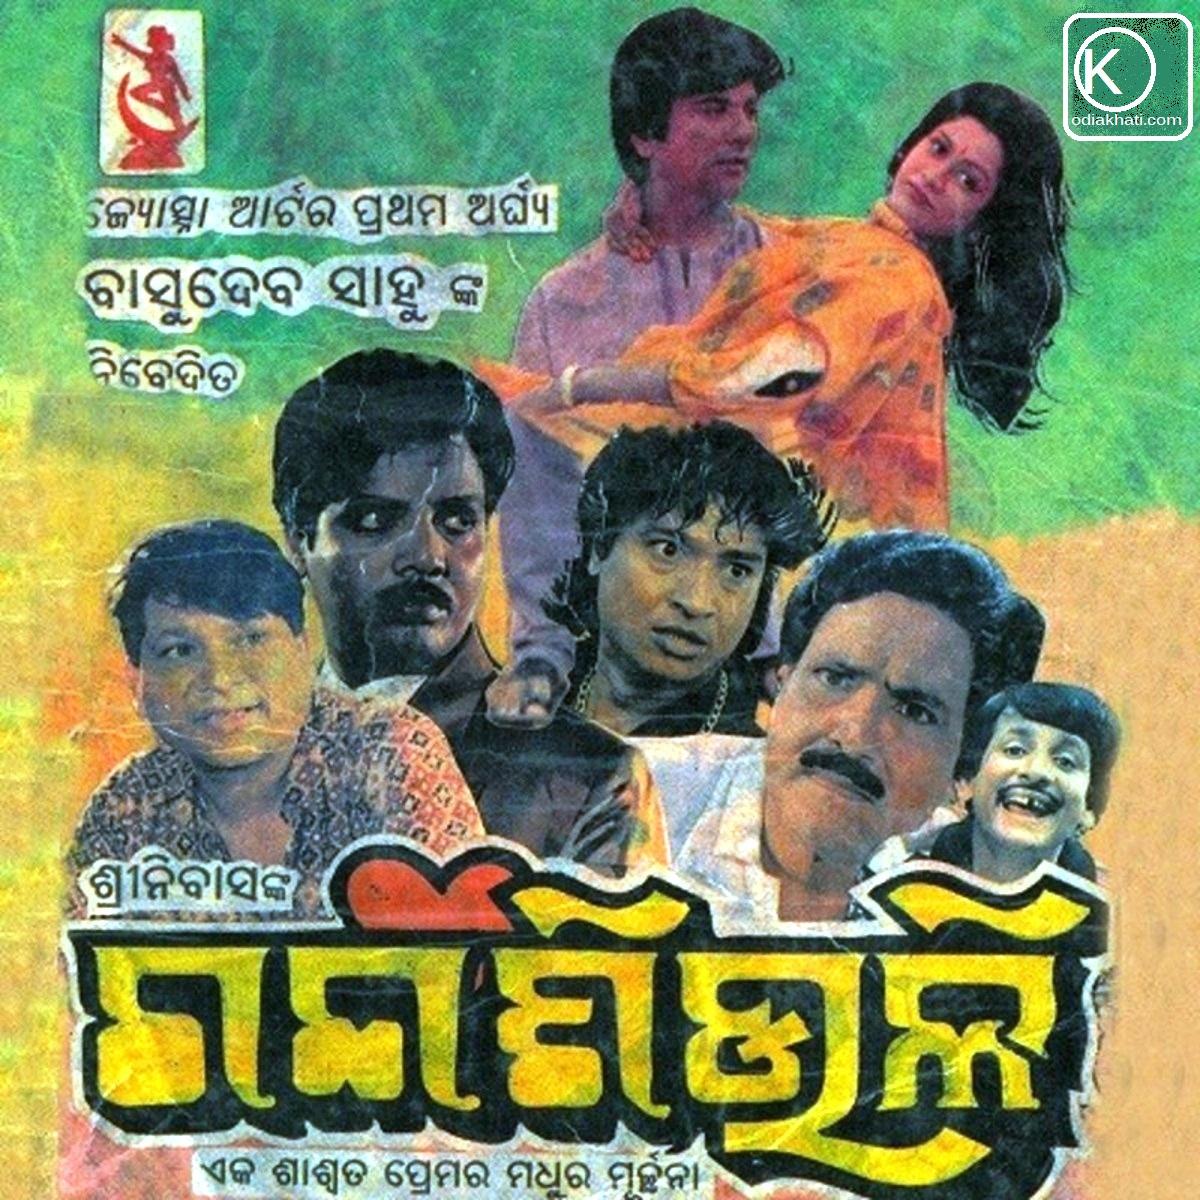 Tume Deithila Katha Jibane Dure Kari (Suarabh Nayak)